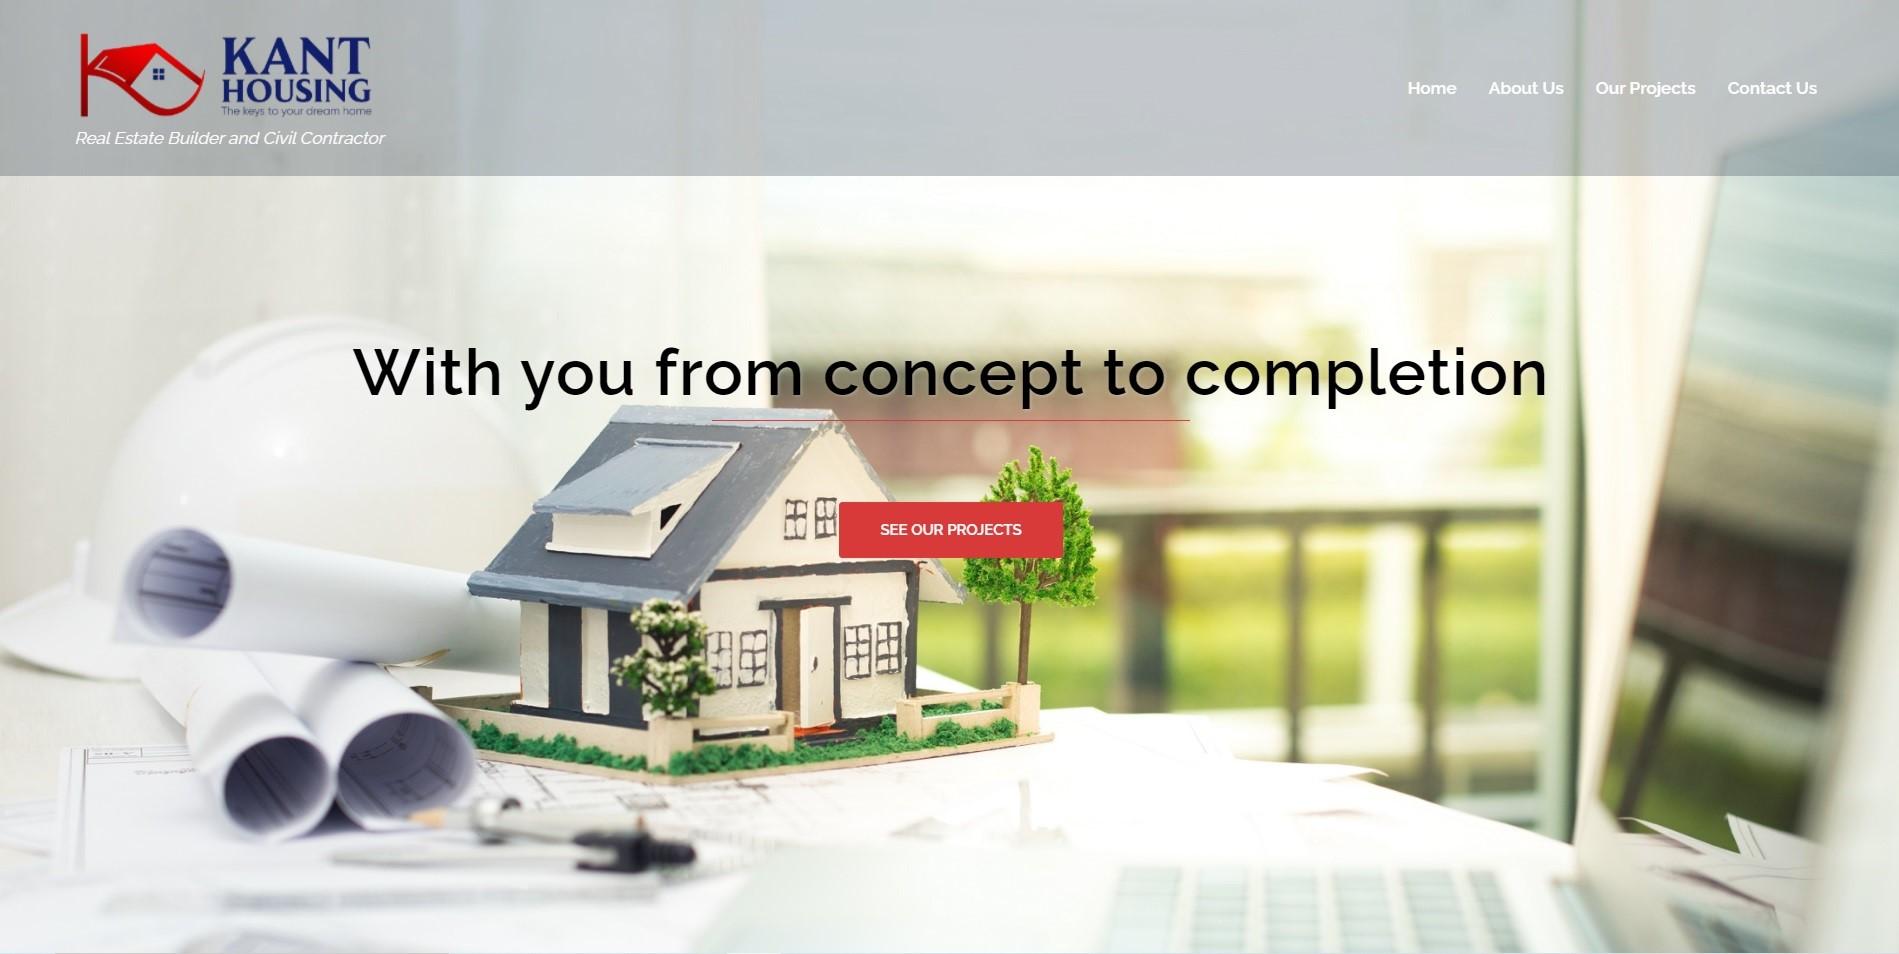 kant-housing